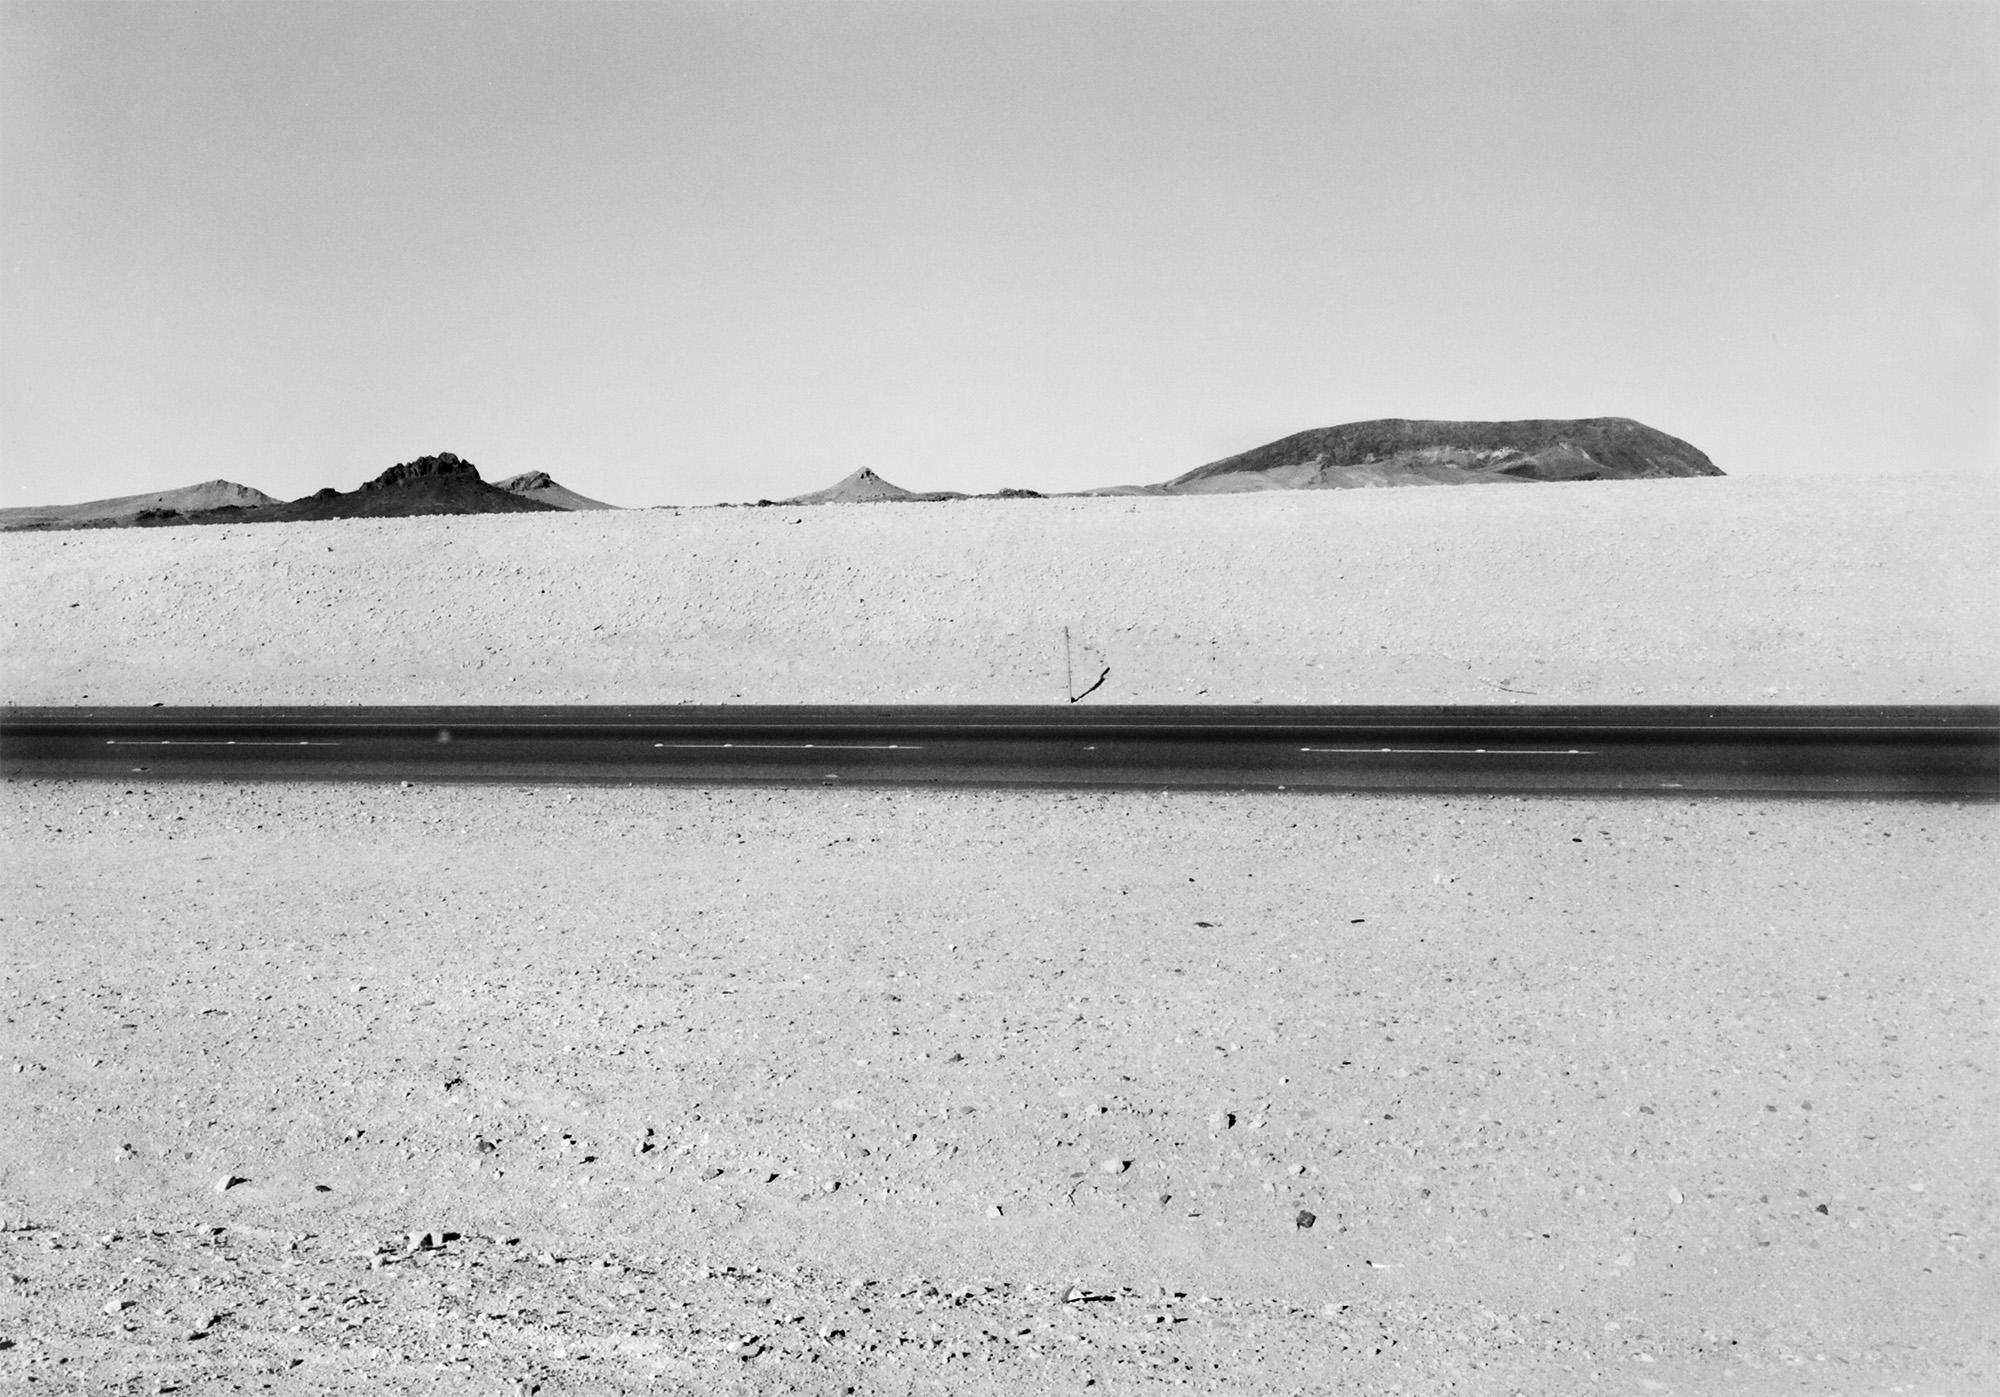 Interstate 14, near Las Vegas, Nevada, USA, 1977